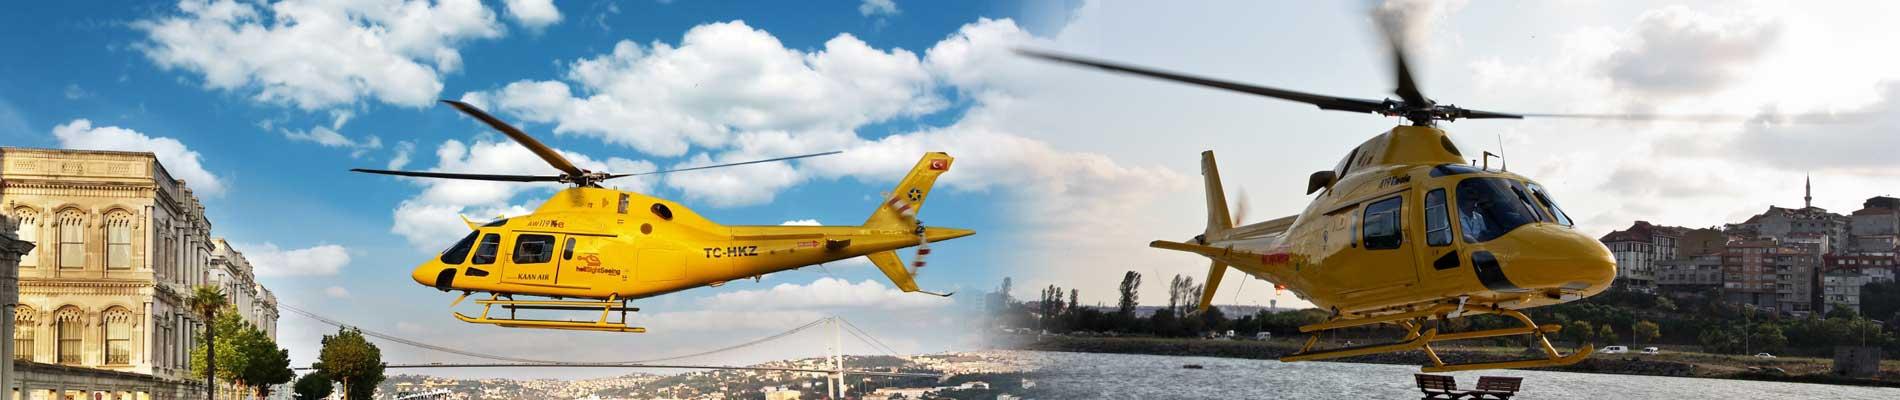 istanbul helikopter turu